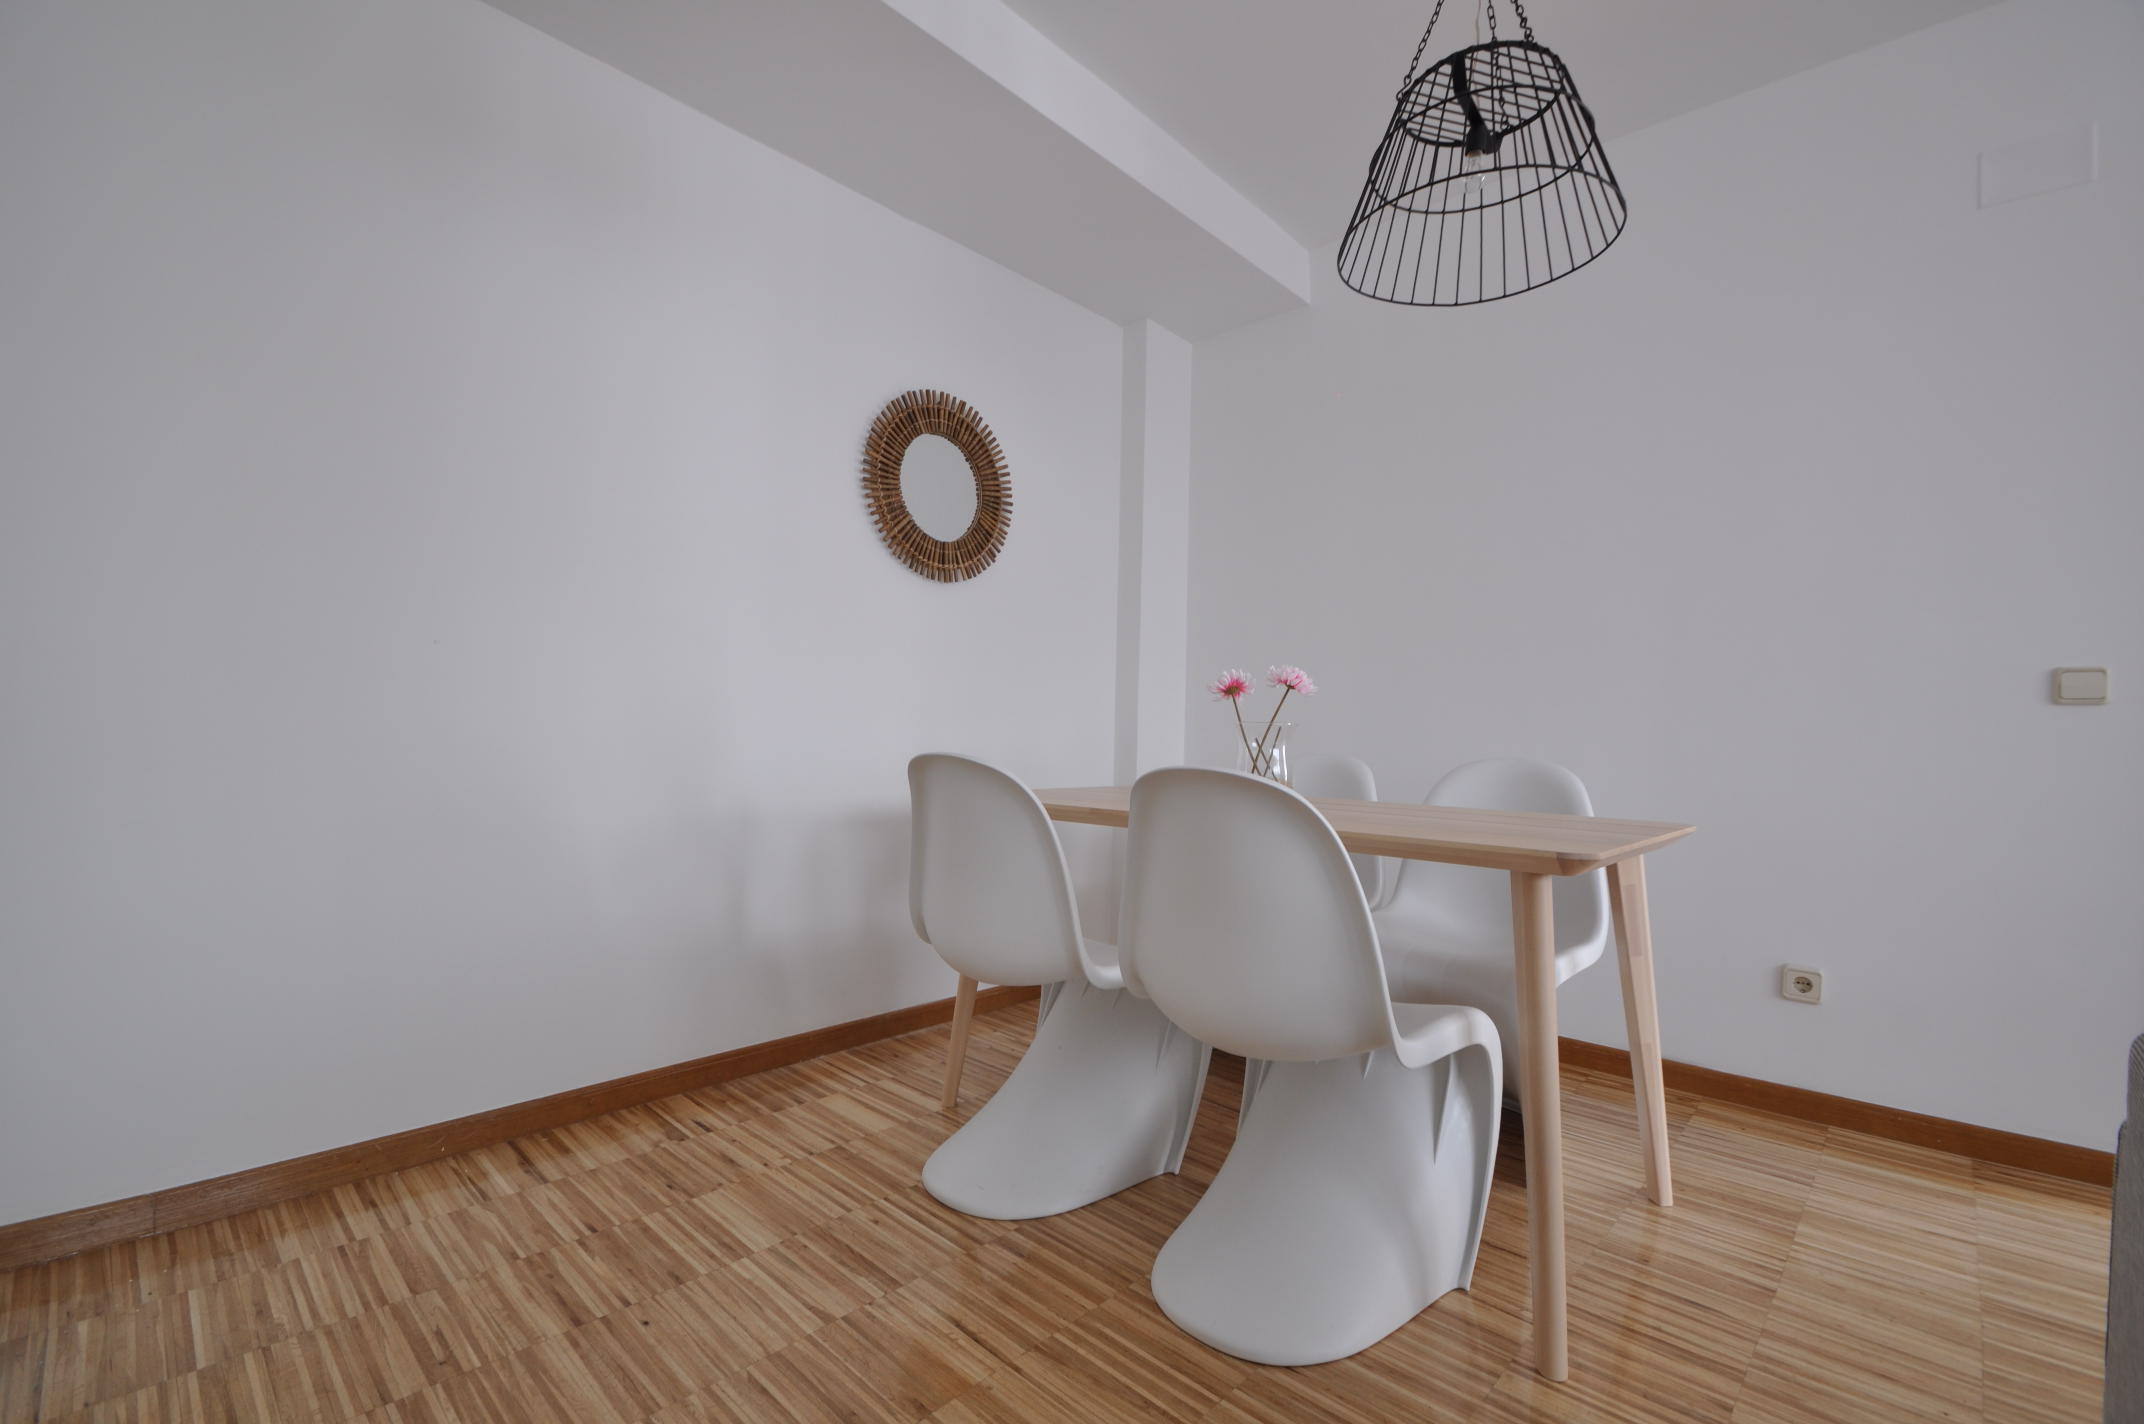 Mesa Lisabo E9dx Novedades De Ikea Perfectas Para Home Staging Hsdecor